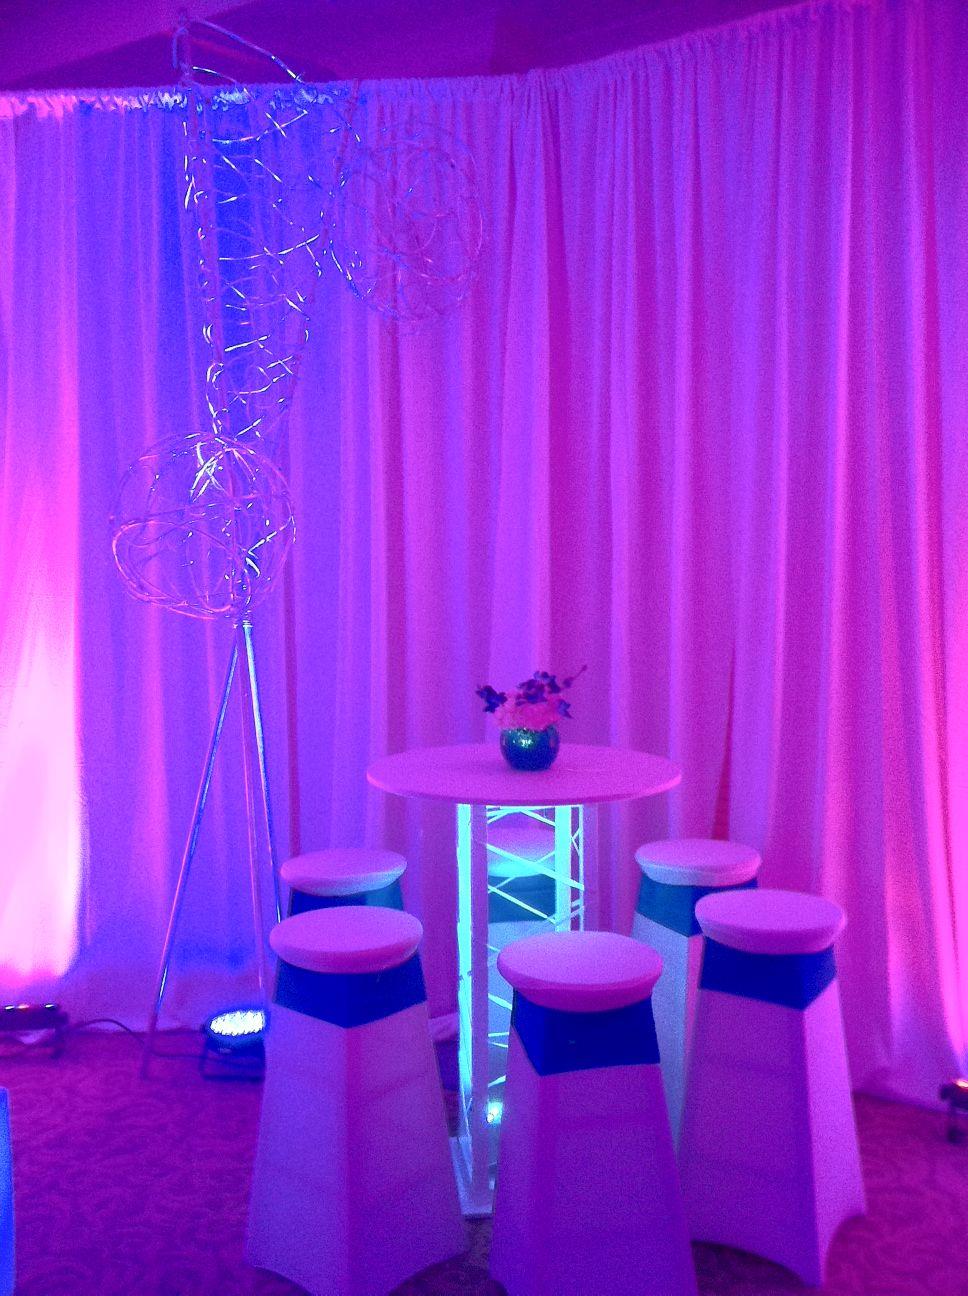 Bat Mitzvah Event Decor Turquoise Purple Color Scheme Party Perfect Boca Raton Fl 1